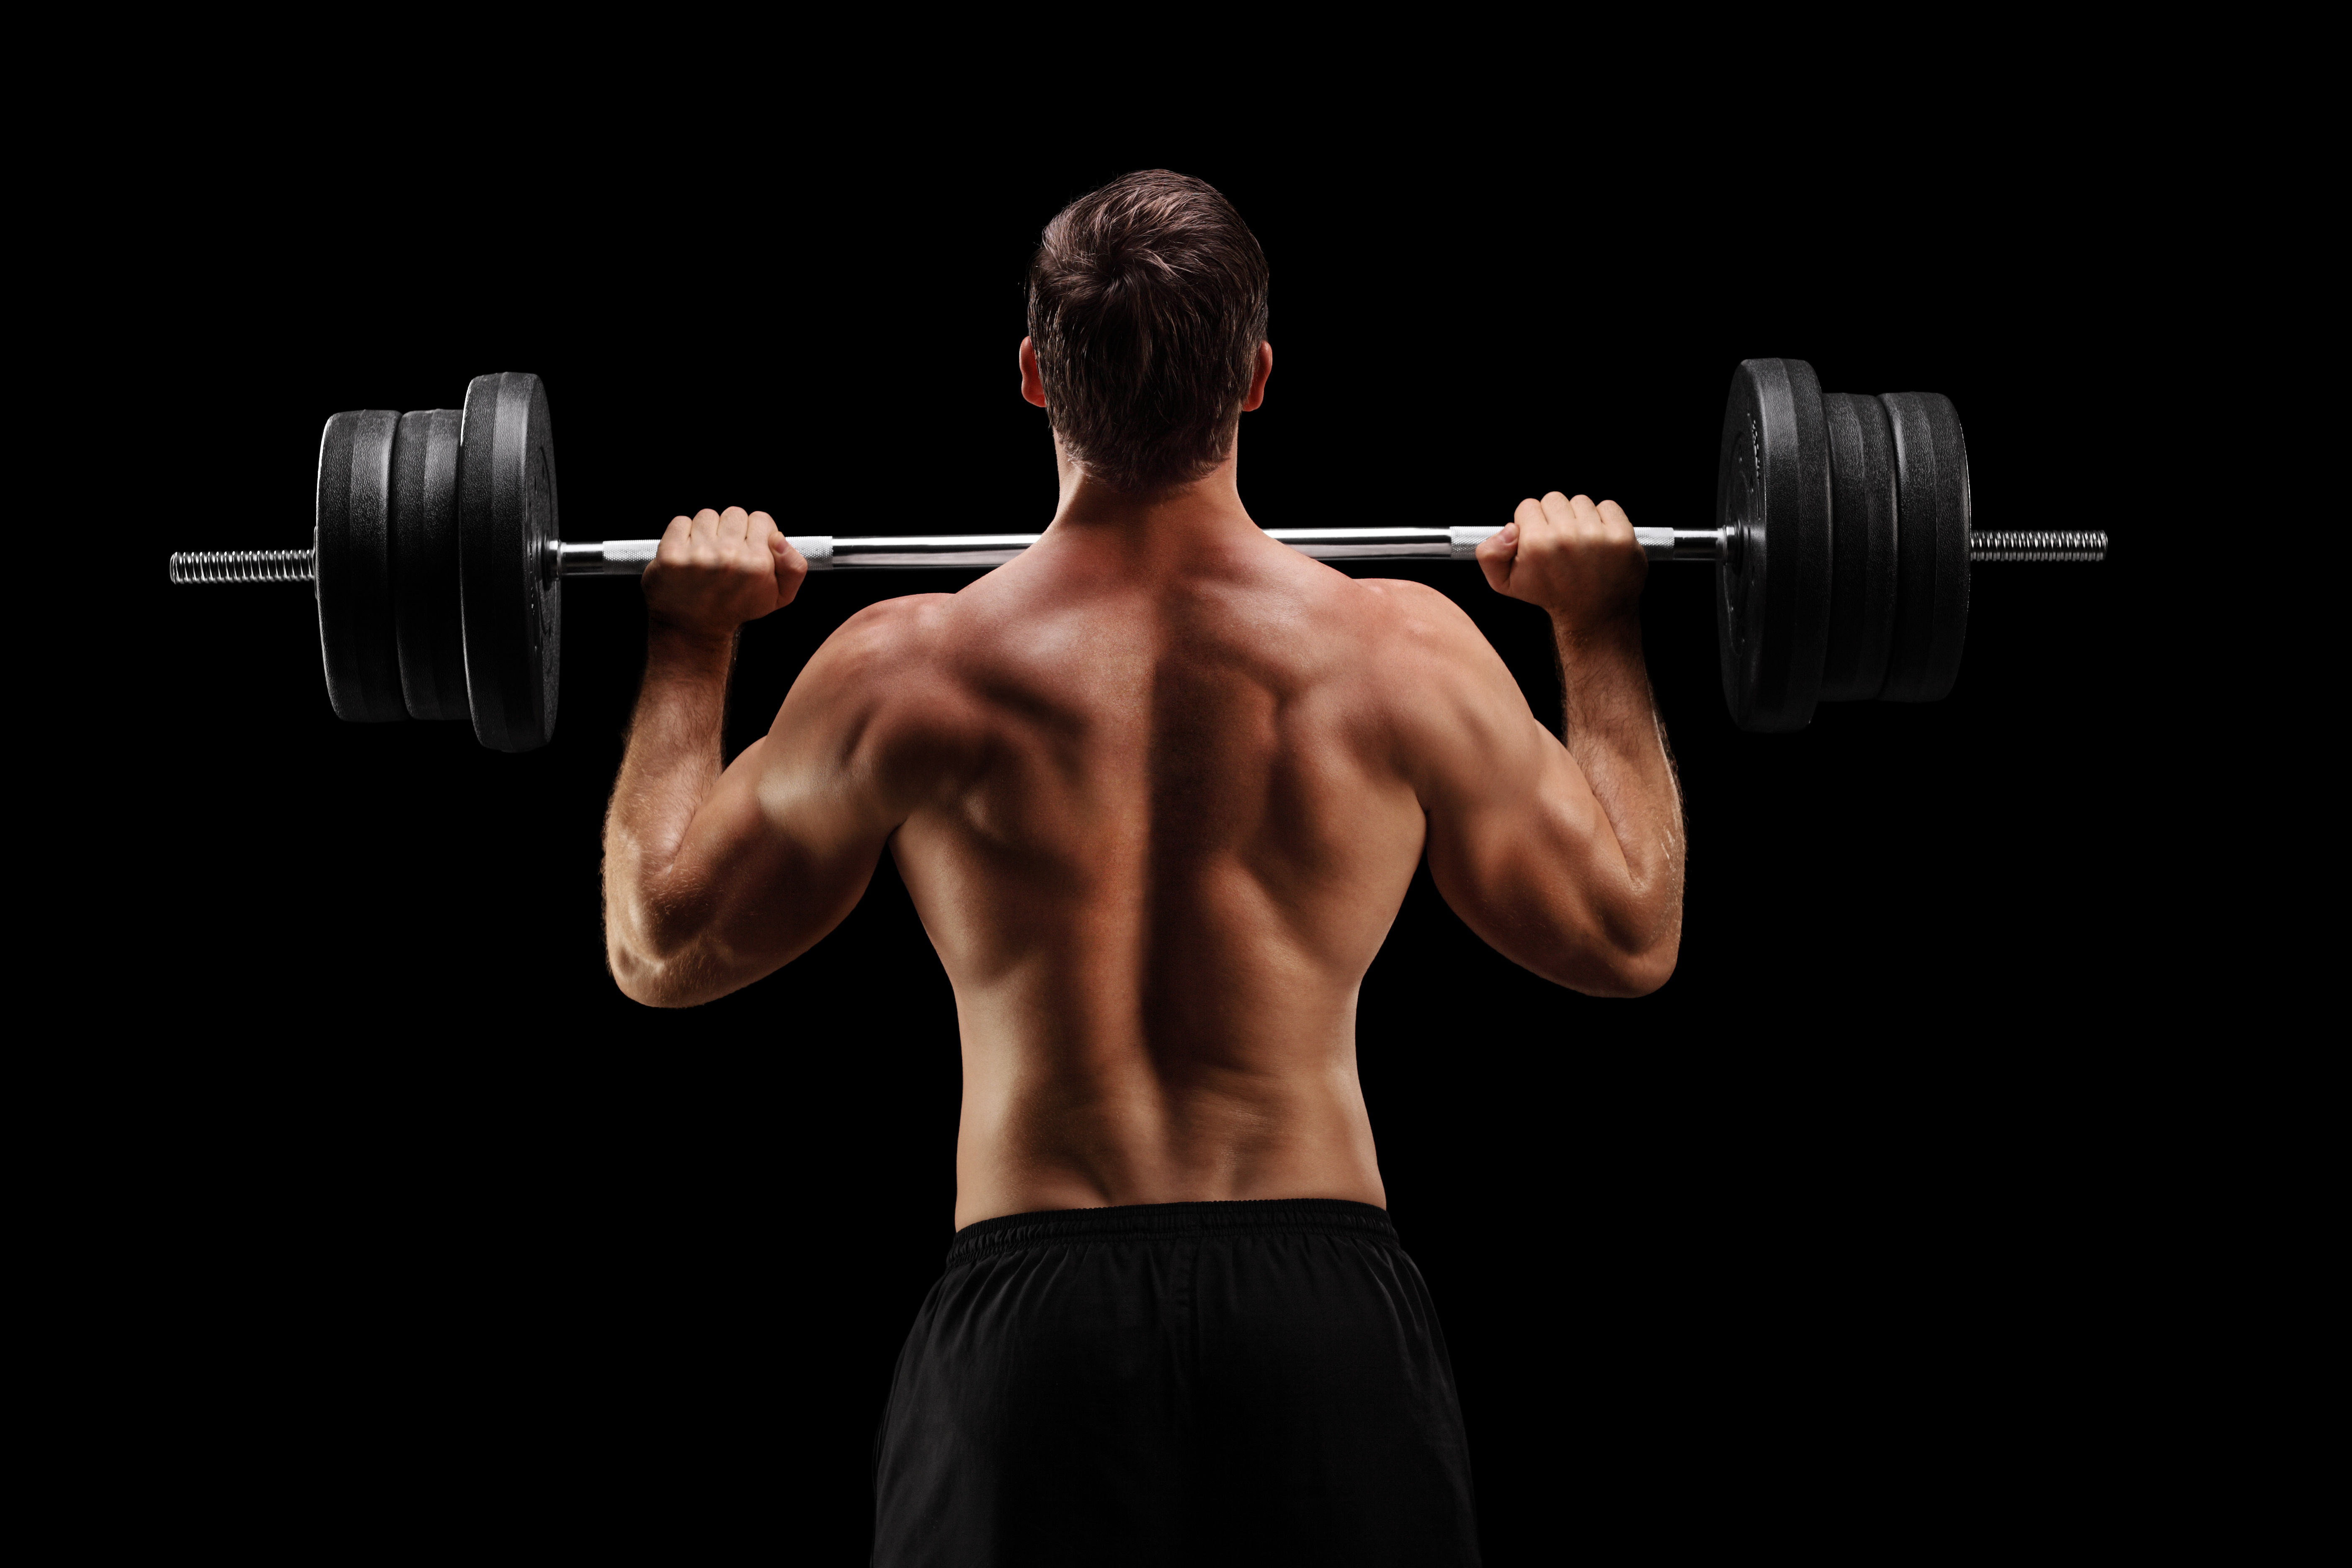 バーベルを持つ男性の背面